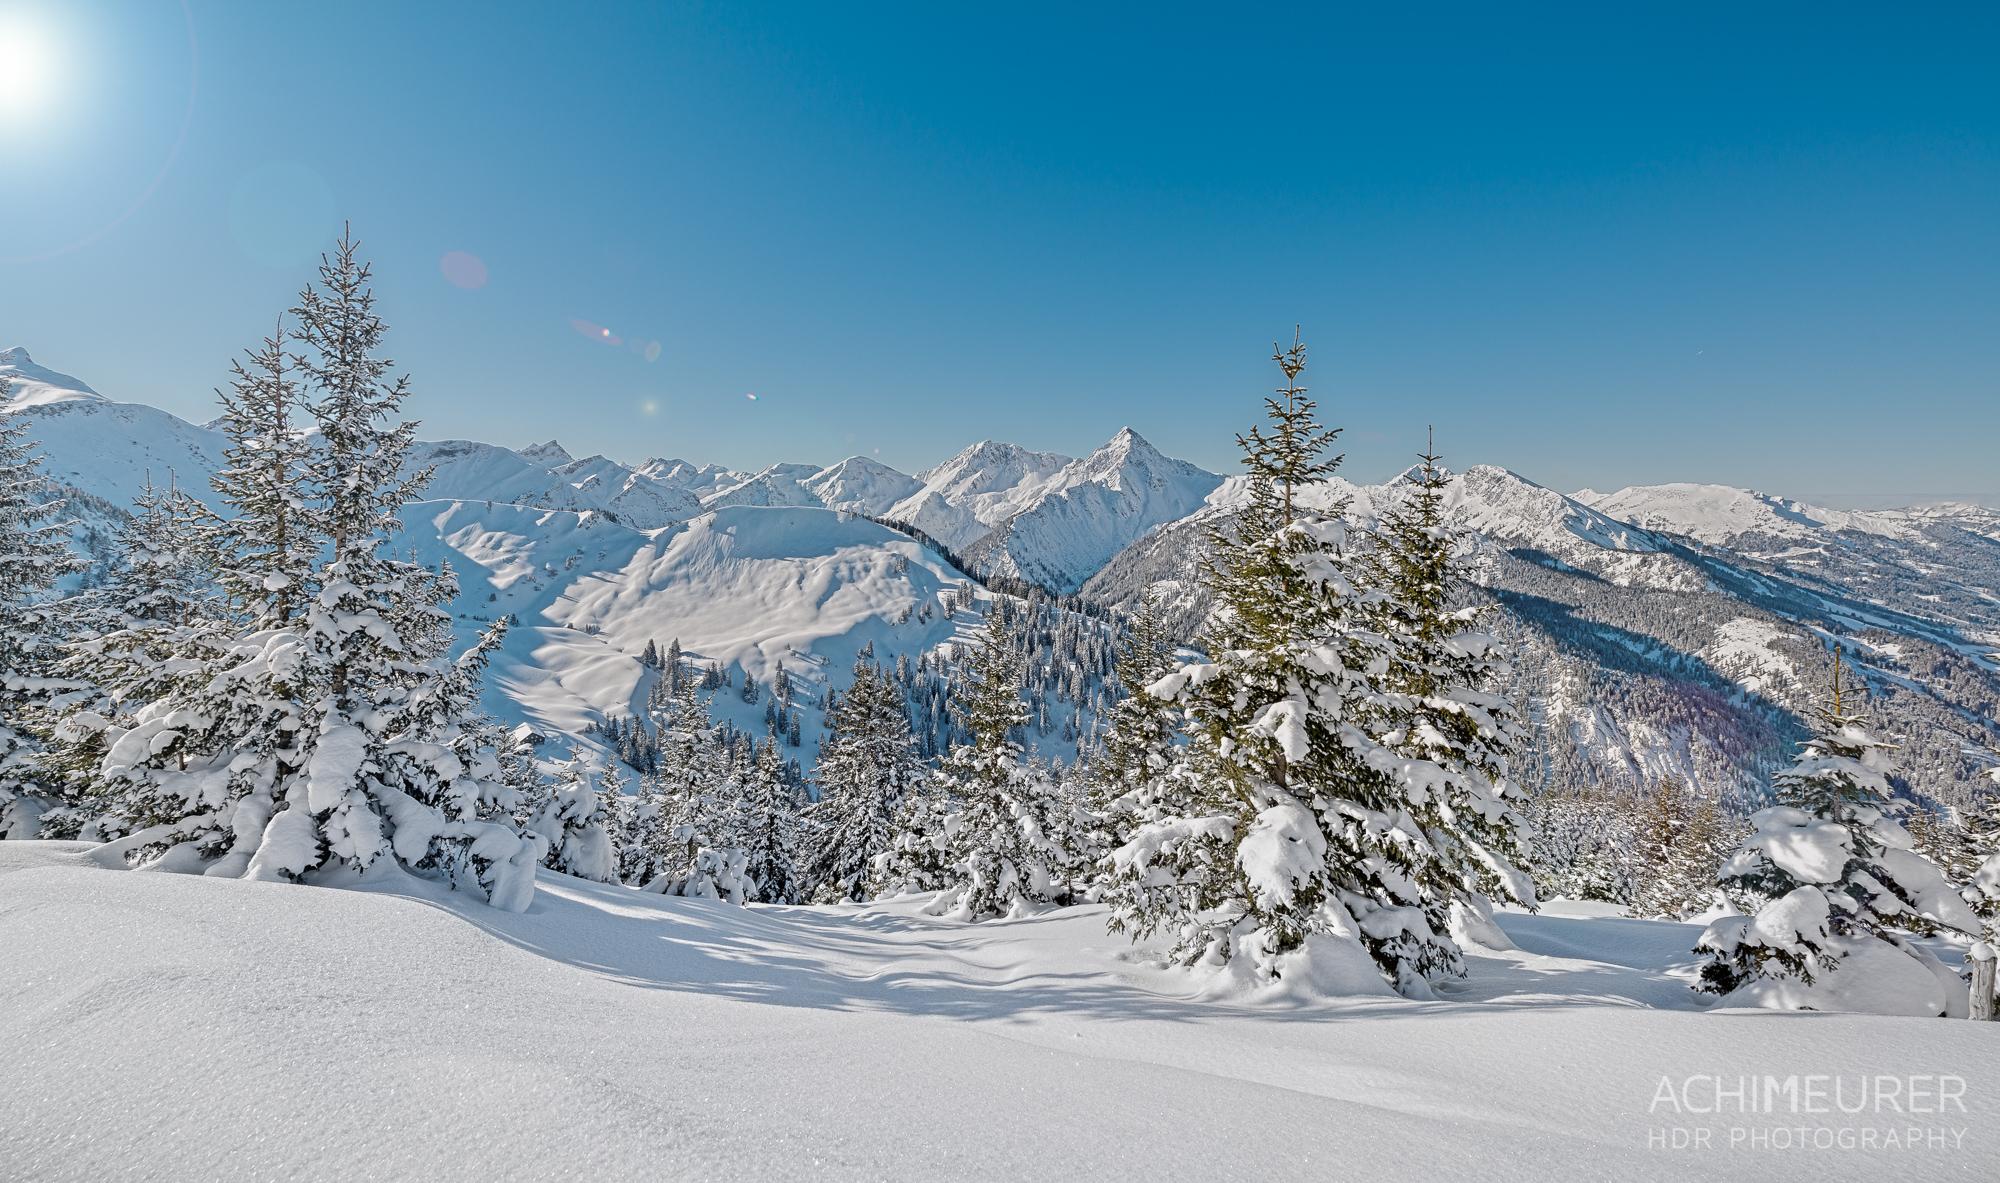 Die-schoensten-Winterfotos-Winterlandschaft-13 by Achim Meurer.